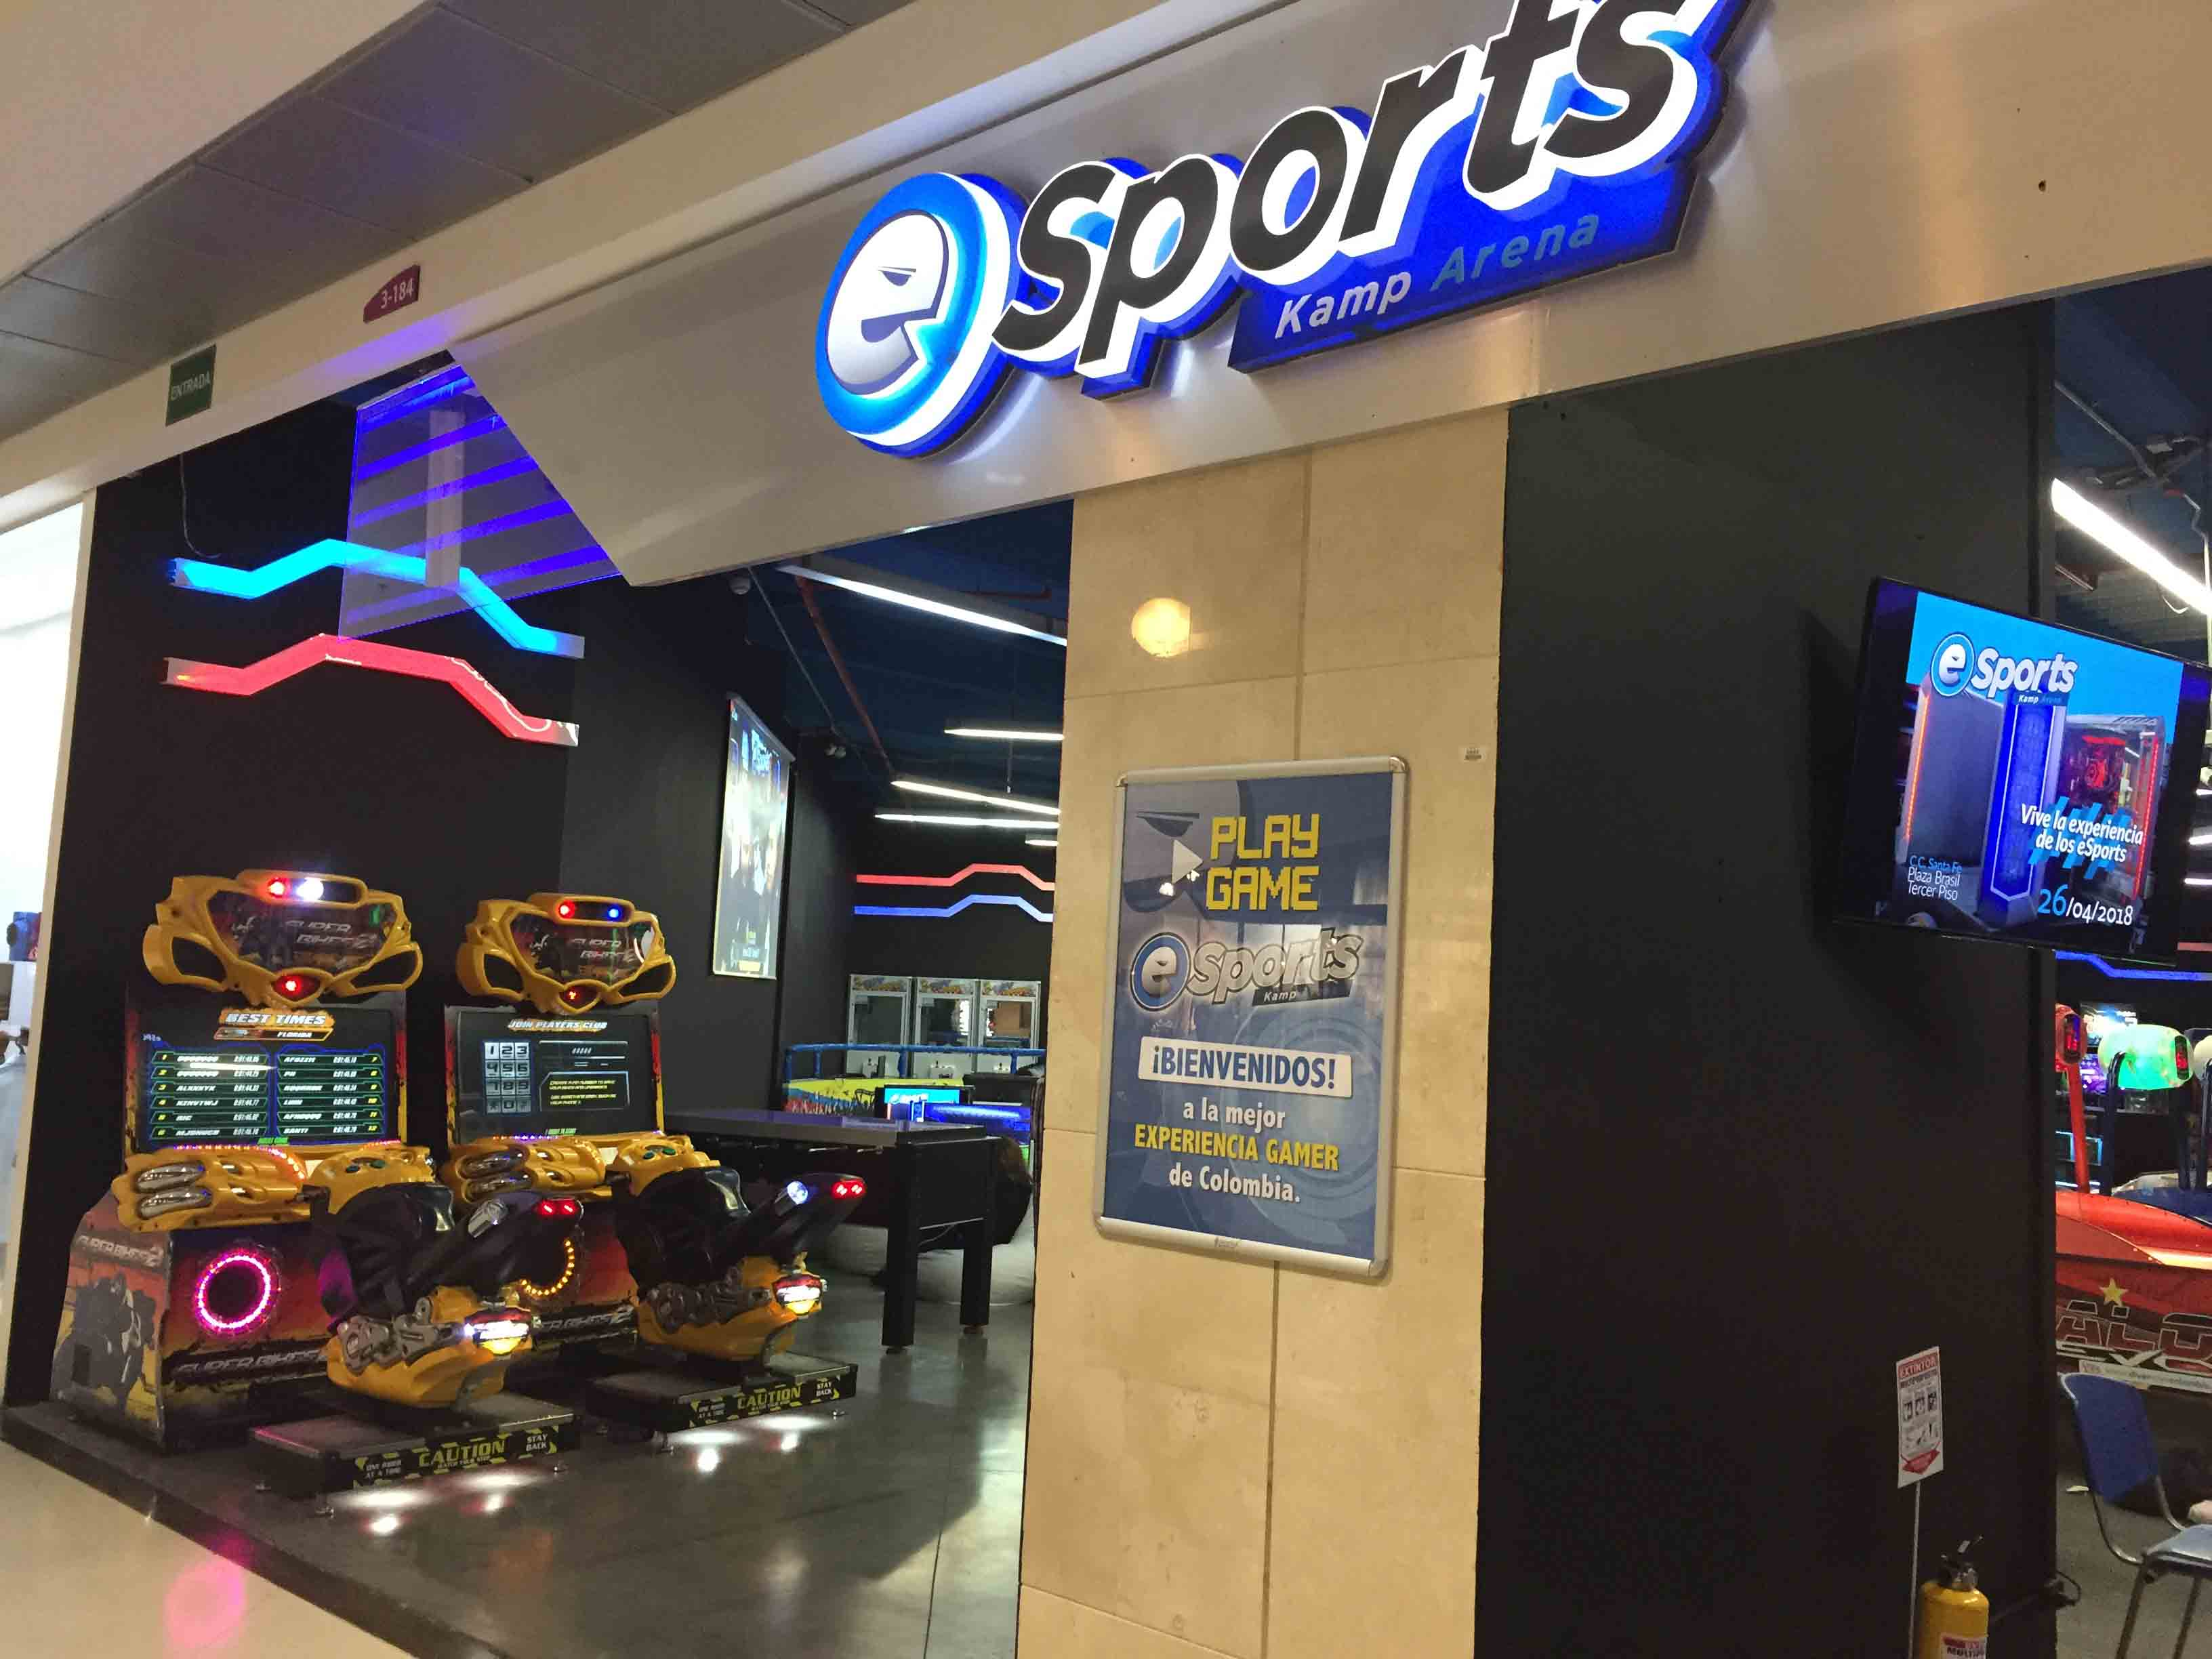 eSports-Kamp-Arena-La-vida-es-un-videojuego-1